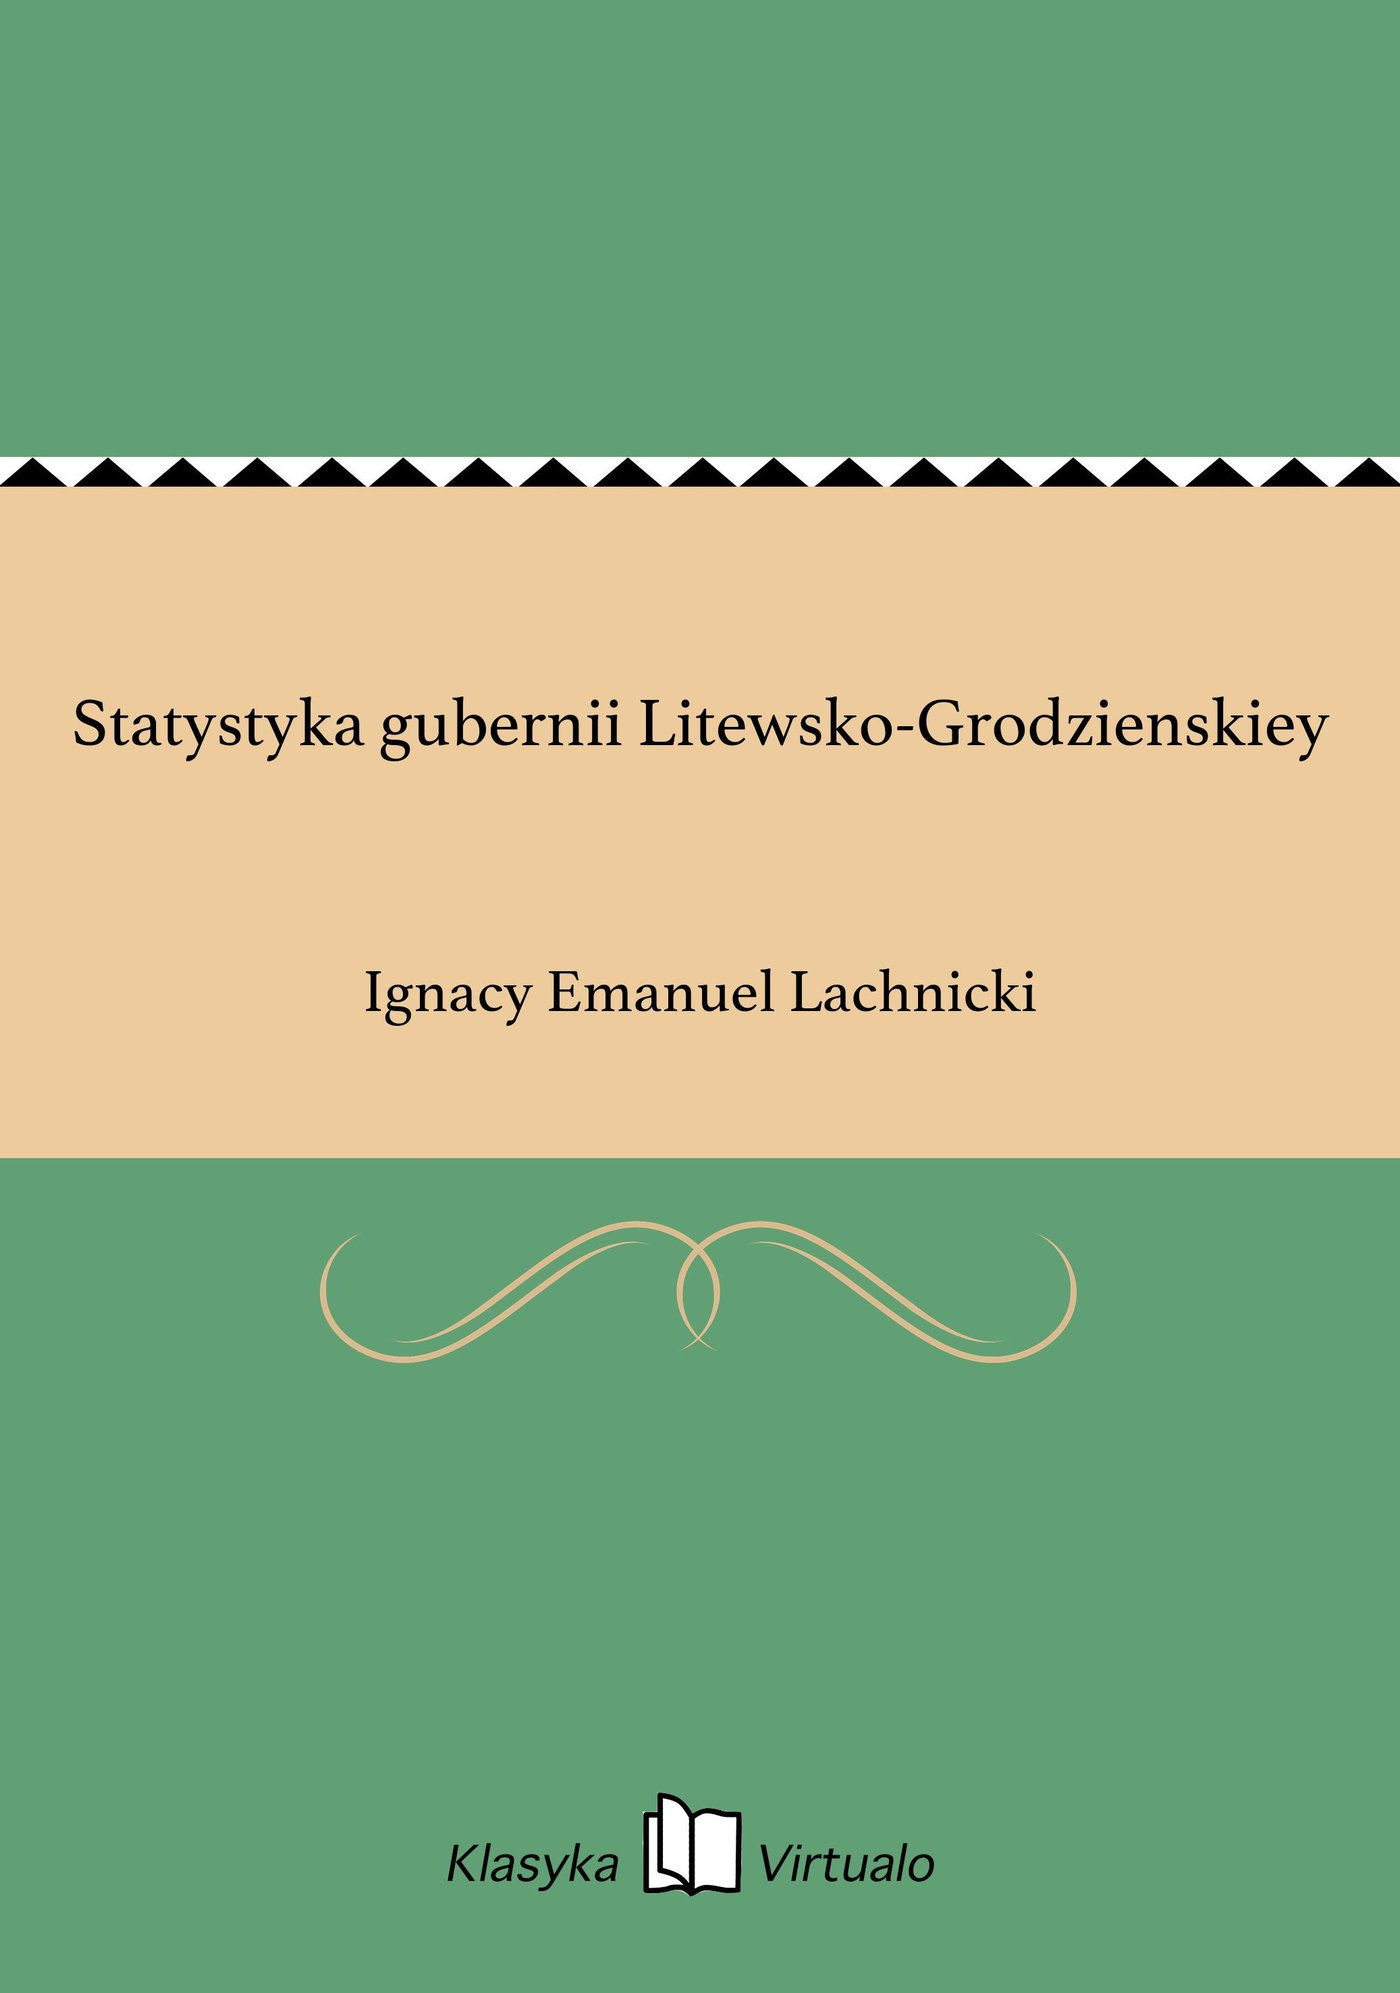 Statystyka gubernii Litewsko-Grodzienskiey - Ebook (Książka EPUB) do pobrania w formacie EPUB